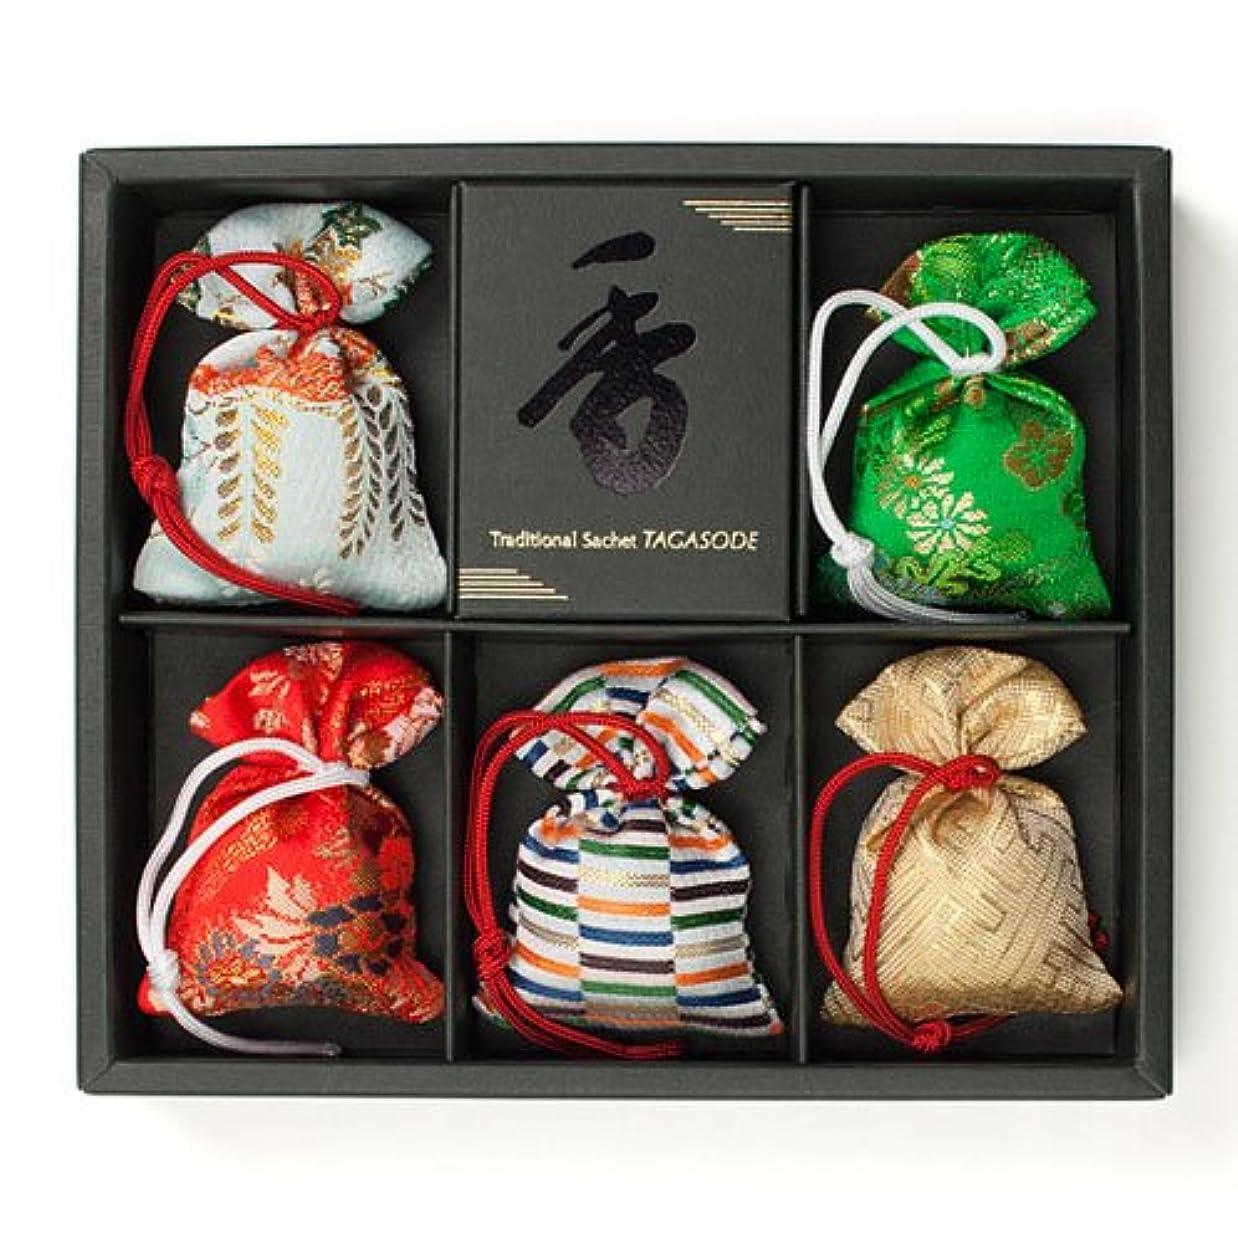 工業化する蓋ホステス匂い袋 誰が袖 極品 5個入 松栄堂 Shoyeido 本体長さ60mm (色?柄は選べません)